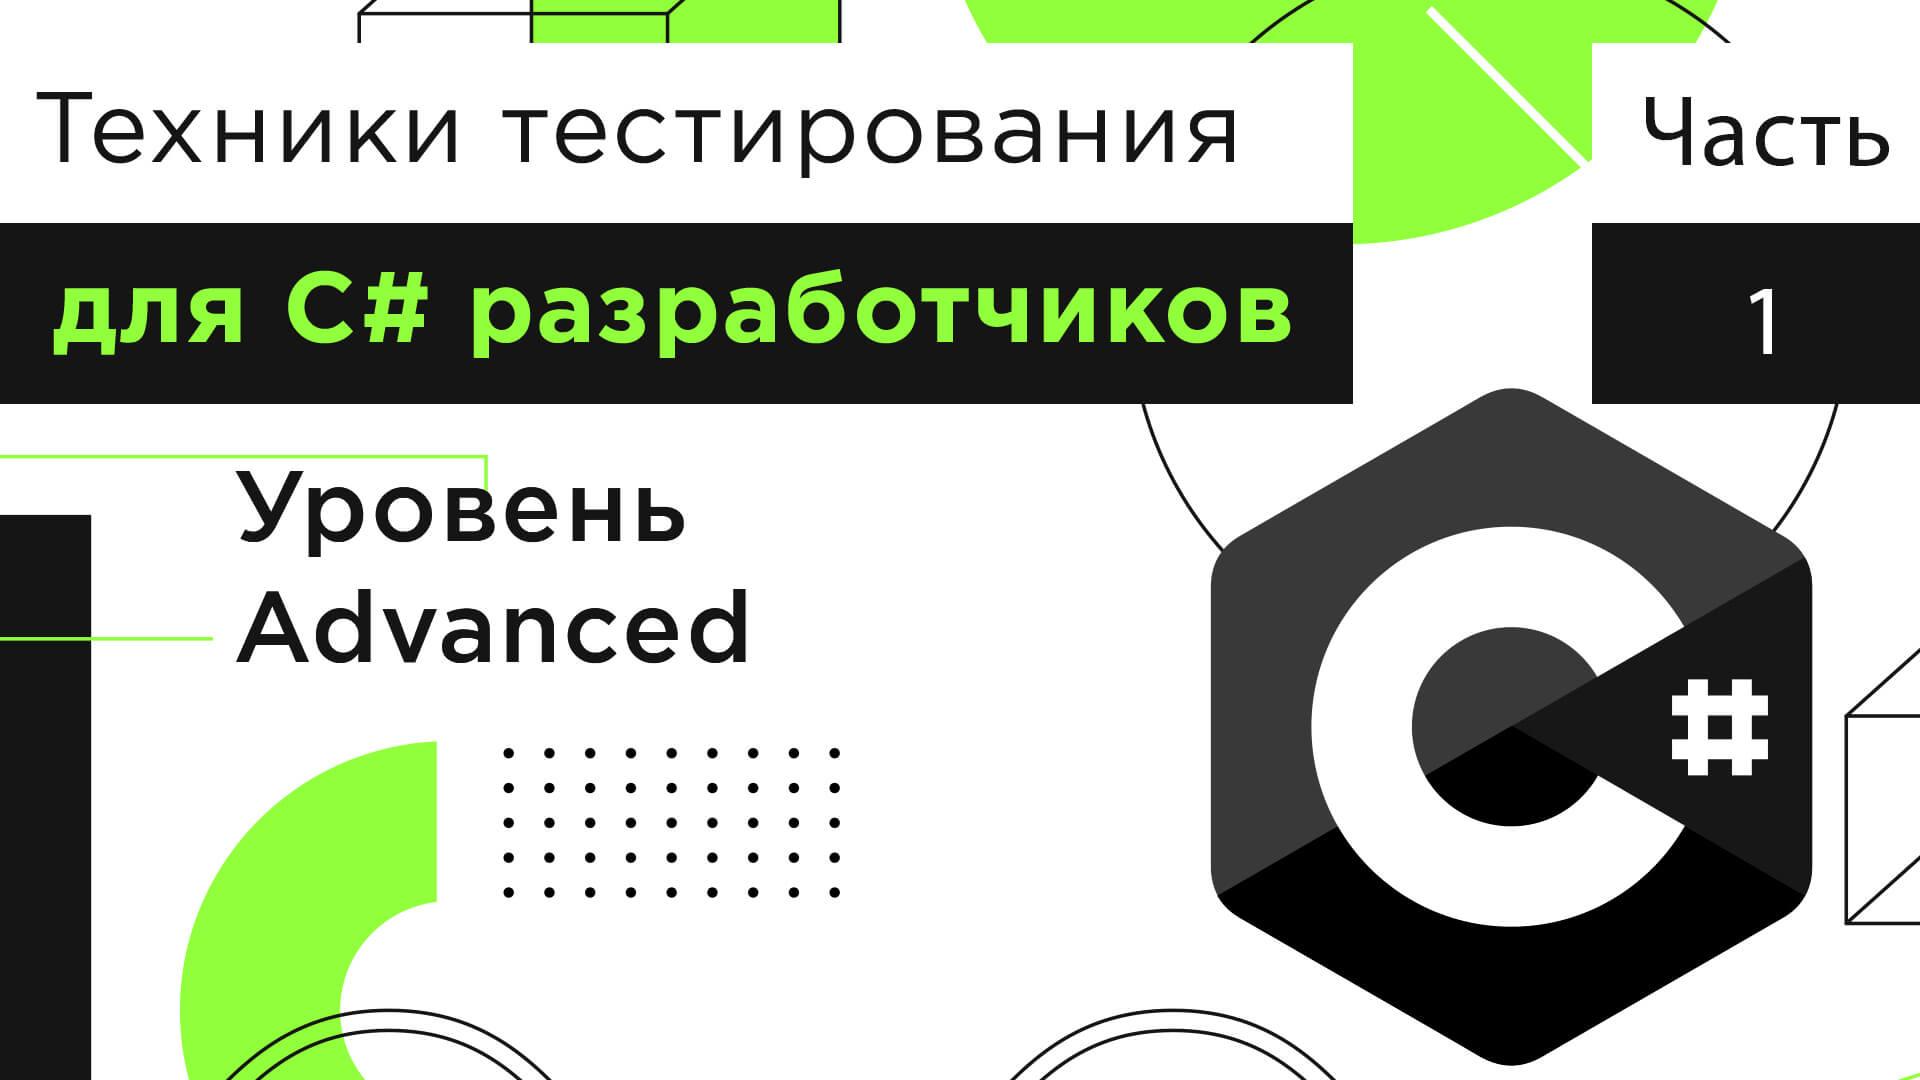 Техники тестирования для С# разработчиков. Уровень Advanced. Часть 1